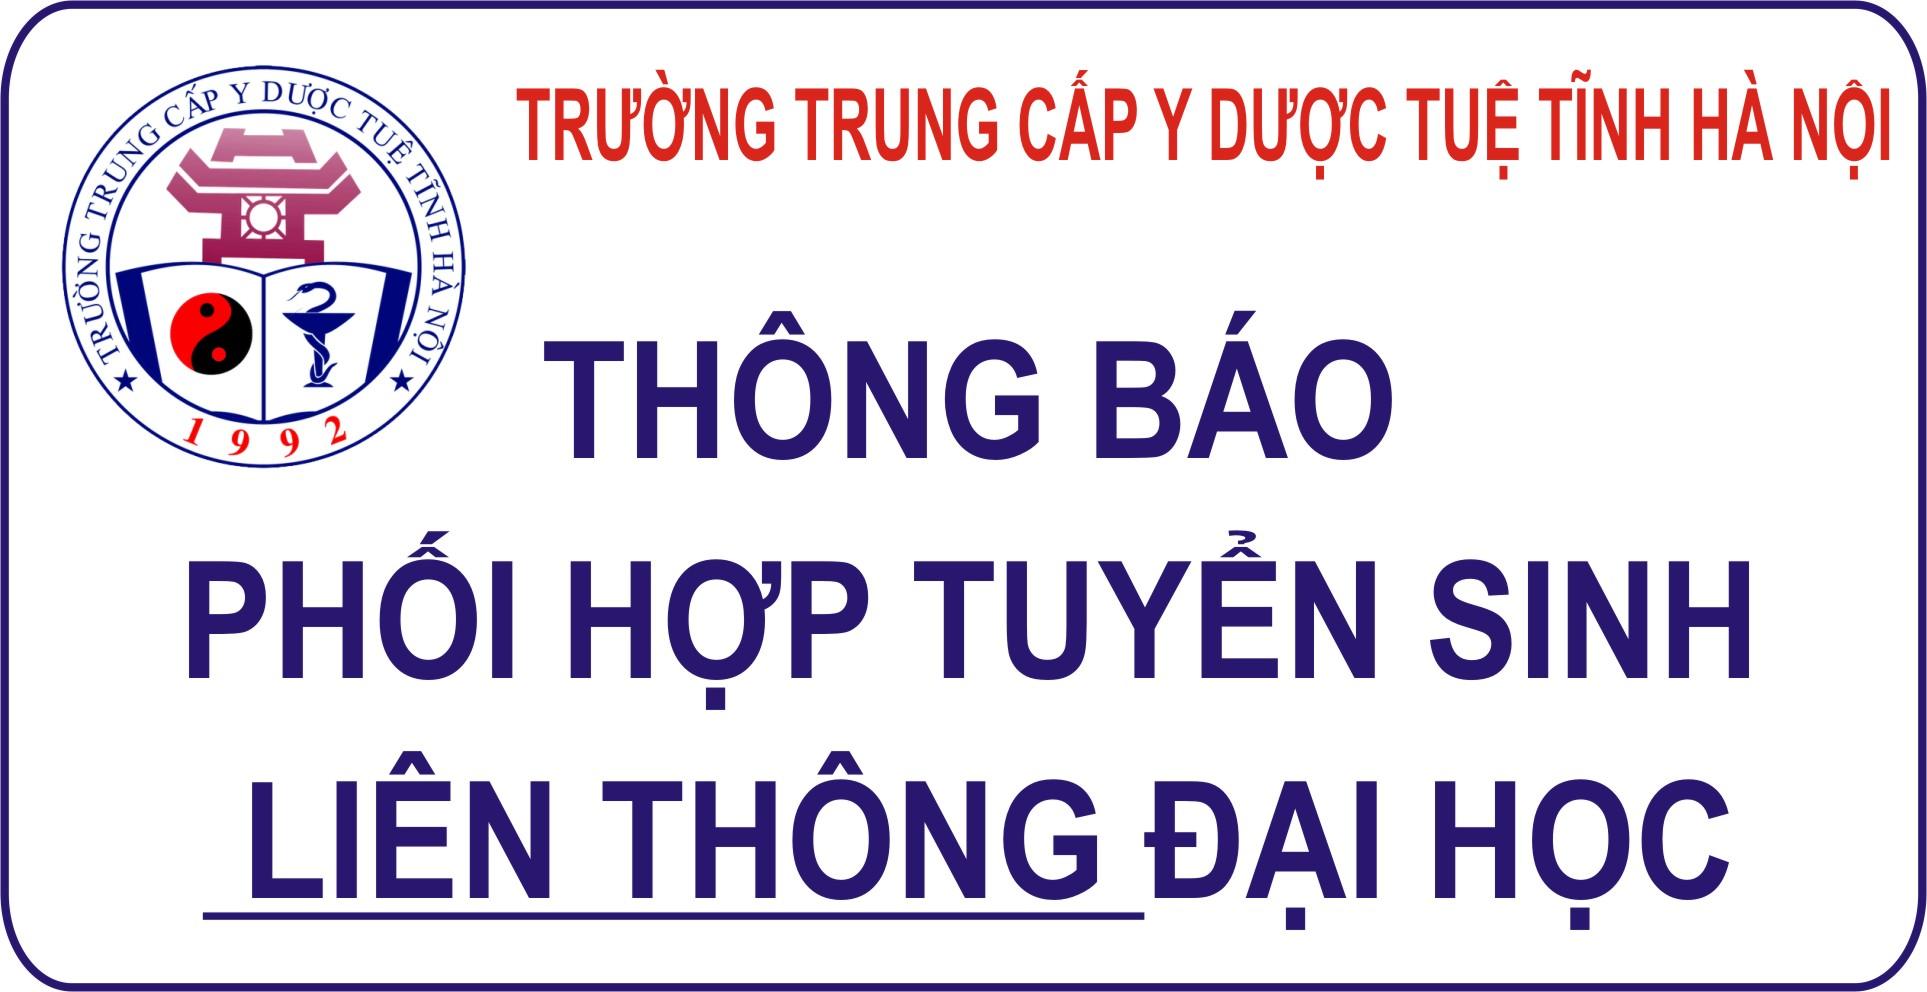 Đại học Y - Dược, Đại học Thái Nguyên: Tuyển sinh ngành Điều dưỡng liên thông từ trung cấp và cao đẳng lên đại học hình thức vừa làm vừa học năm 2021